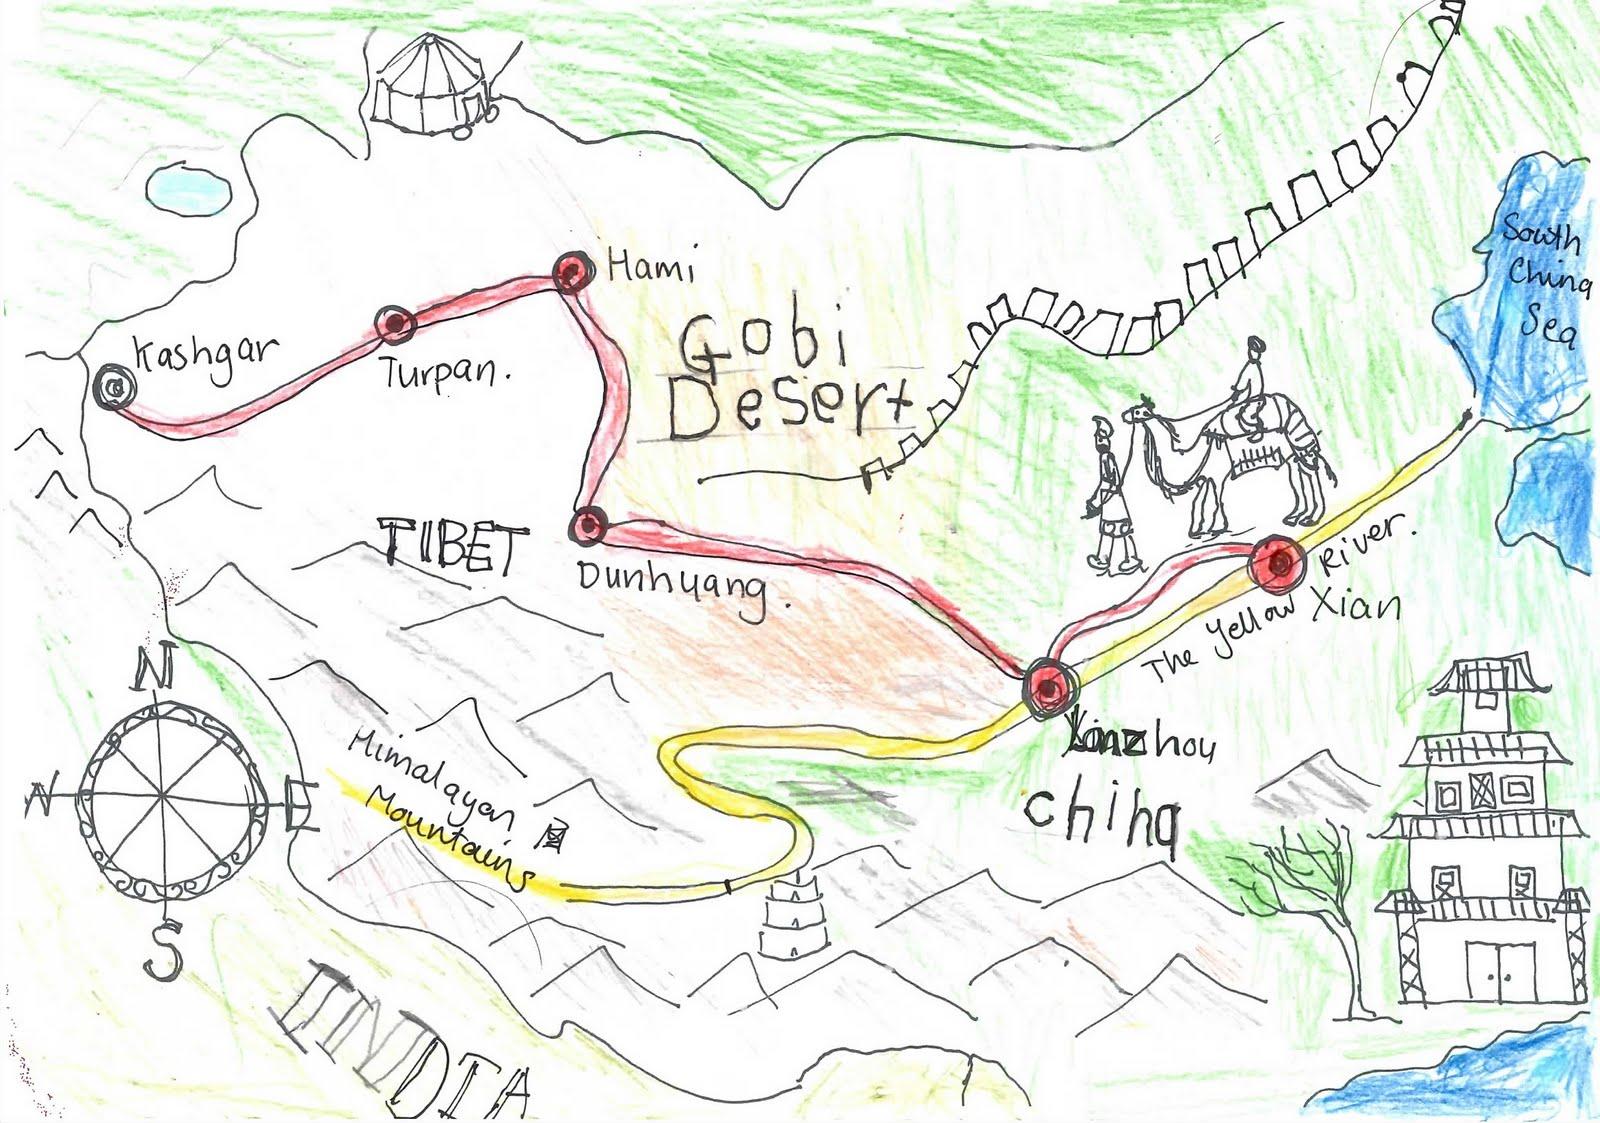 Silk Road Map Worksheet Related Keywords & Suggestions - Silk Road Teaching Map Silk Road on lessons on the silk road, horses on the silk road, uzbekistan silk road, trade along the silk road, rivers along silk road, central asia silk road, things about the silk road, places on the silk road, buddhism along the silk road, places along the silk road, great silk road, mitchell teachers silk road, positives of the silk road, chinese silk road, things traded on the silk road, stanford silk road, how long is the silk road, curtains silk road, geography of the silk road, damascus on the silk road,